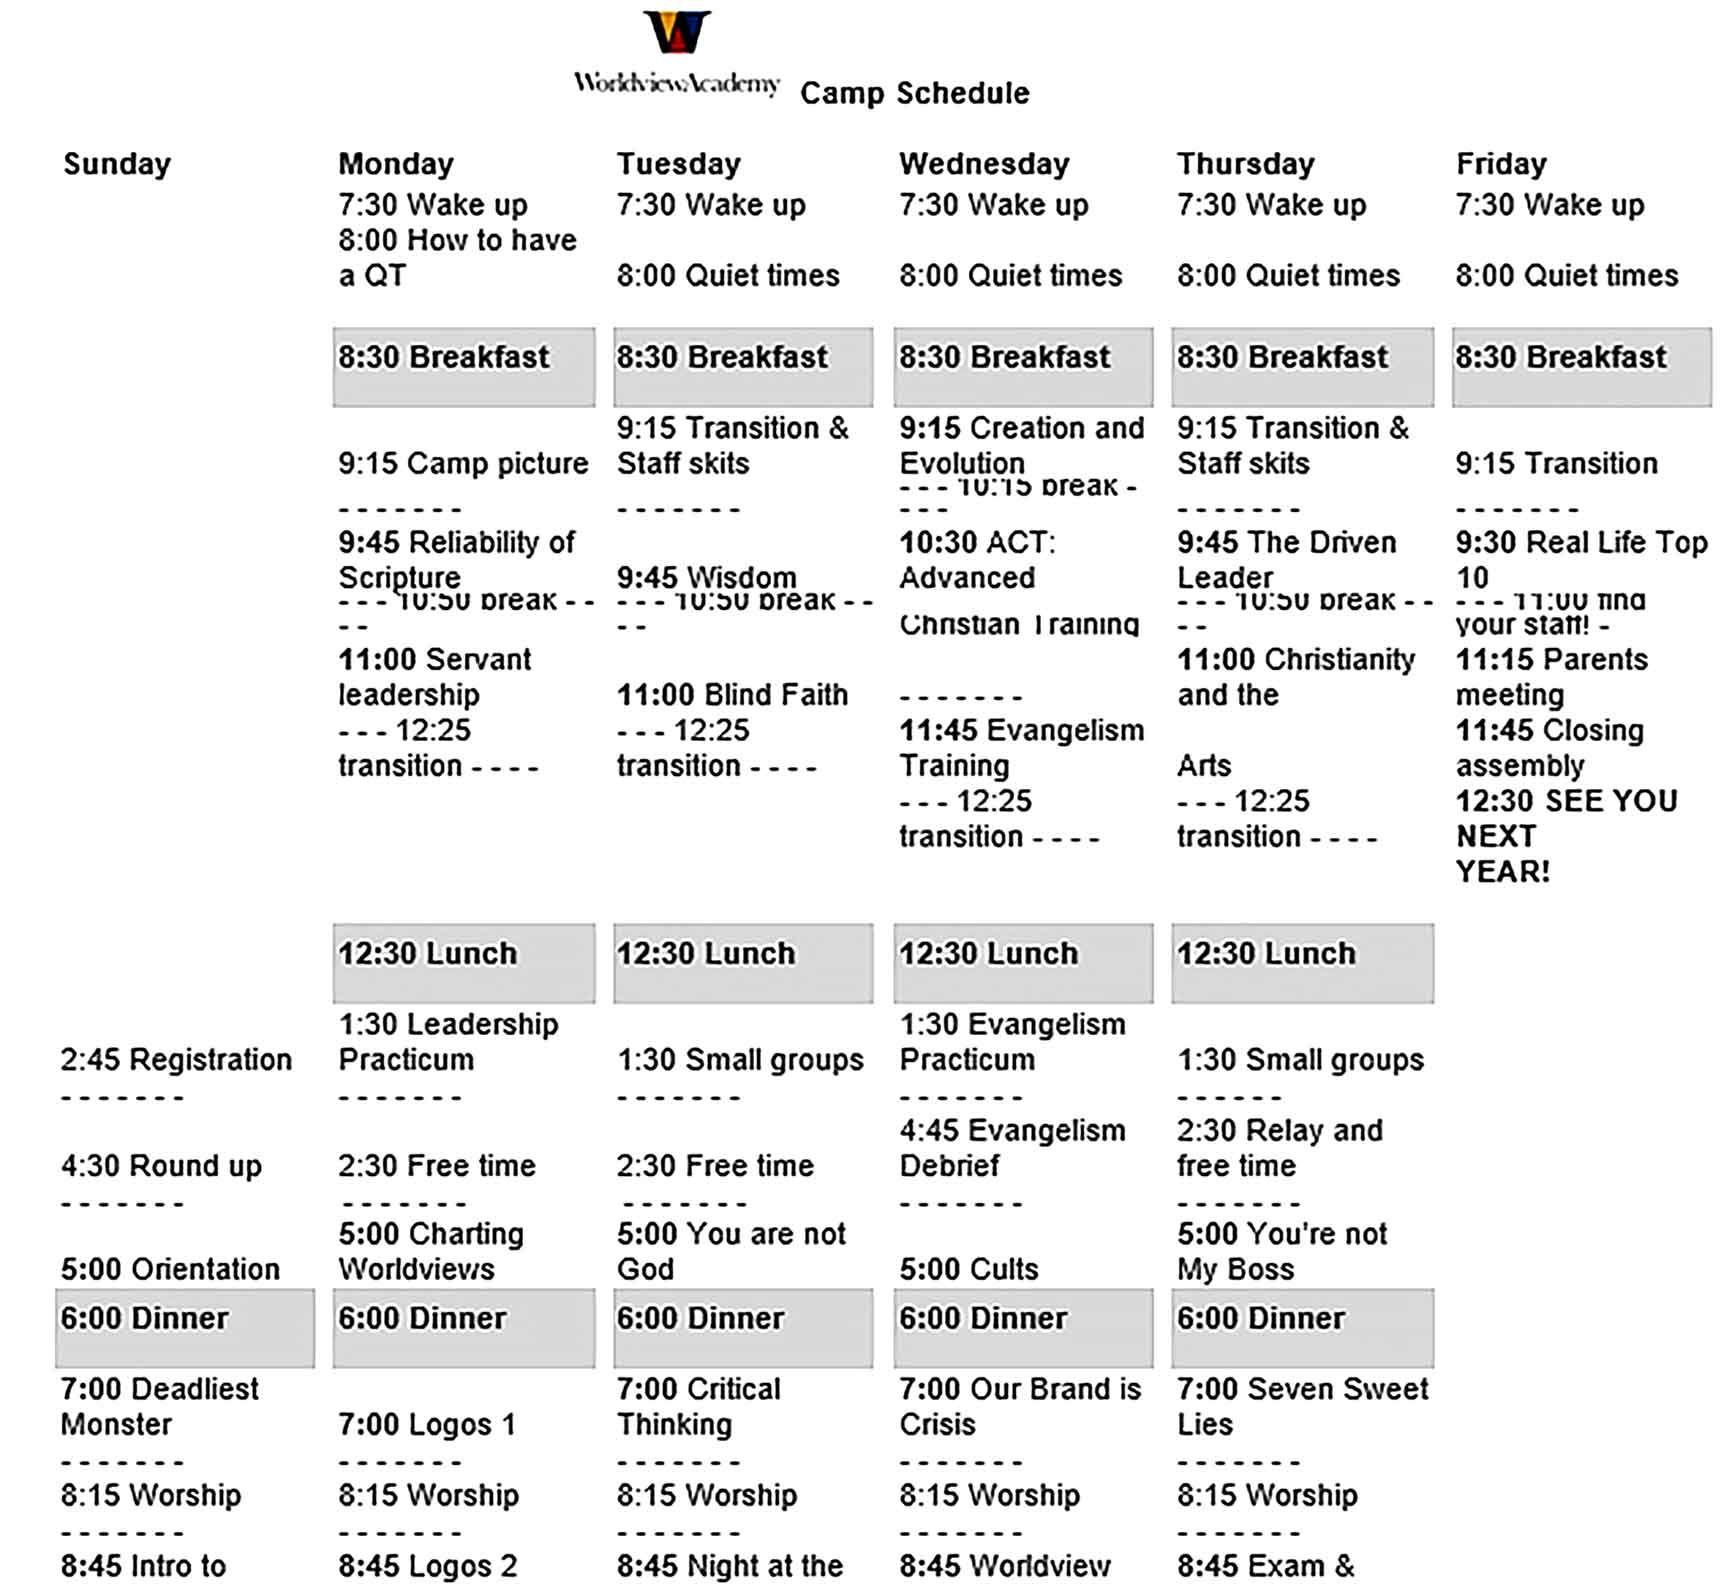 Camp Schedule Template Sample di 2020